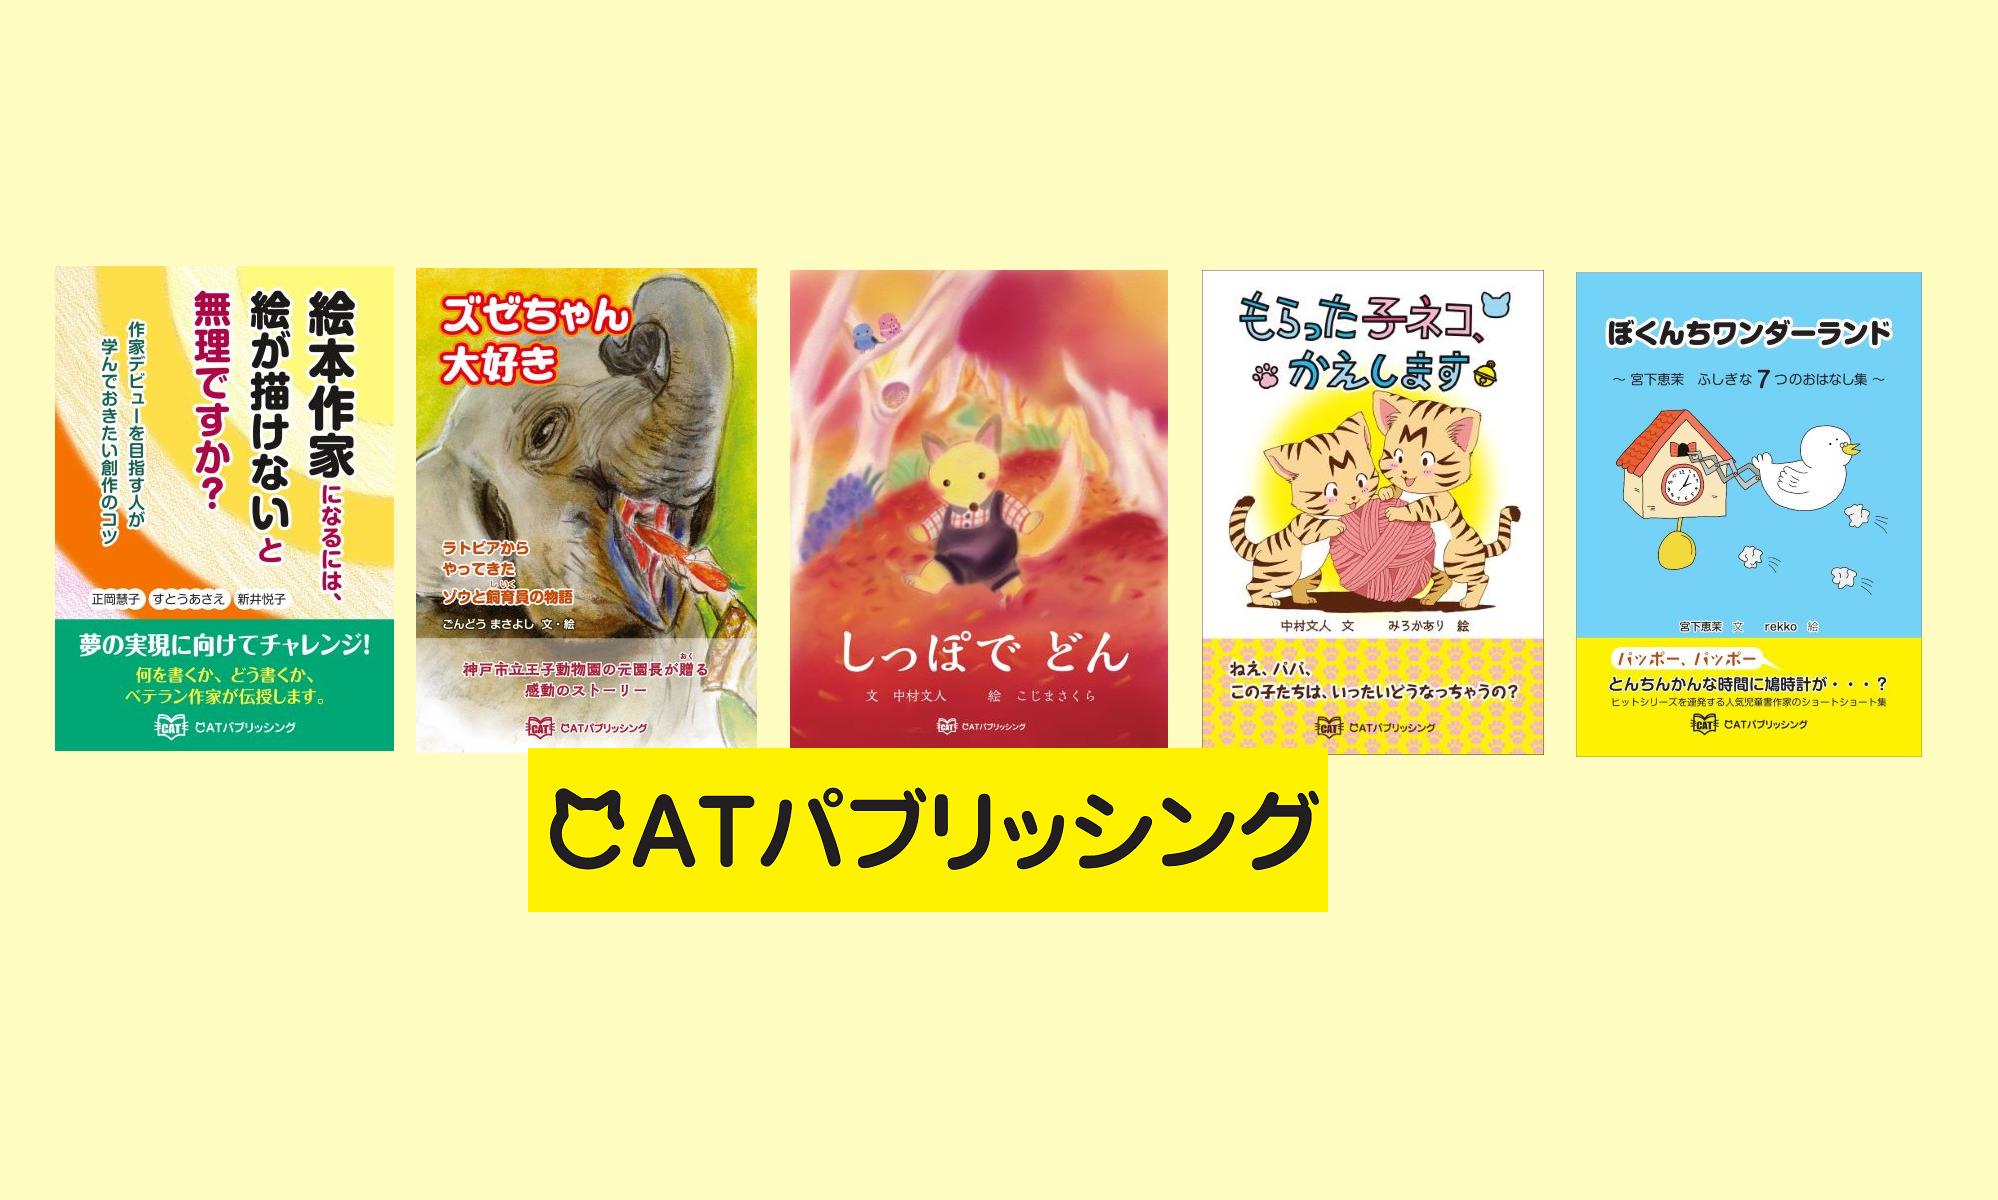 CATパブリッシング